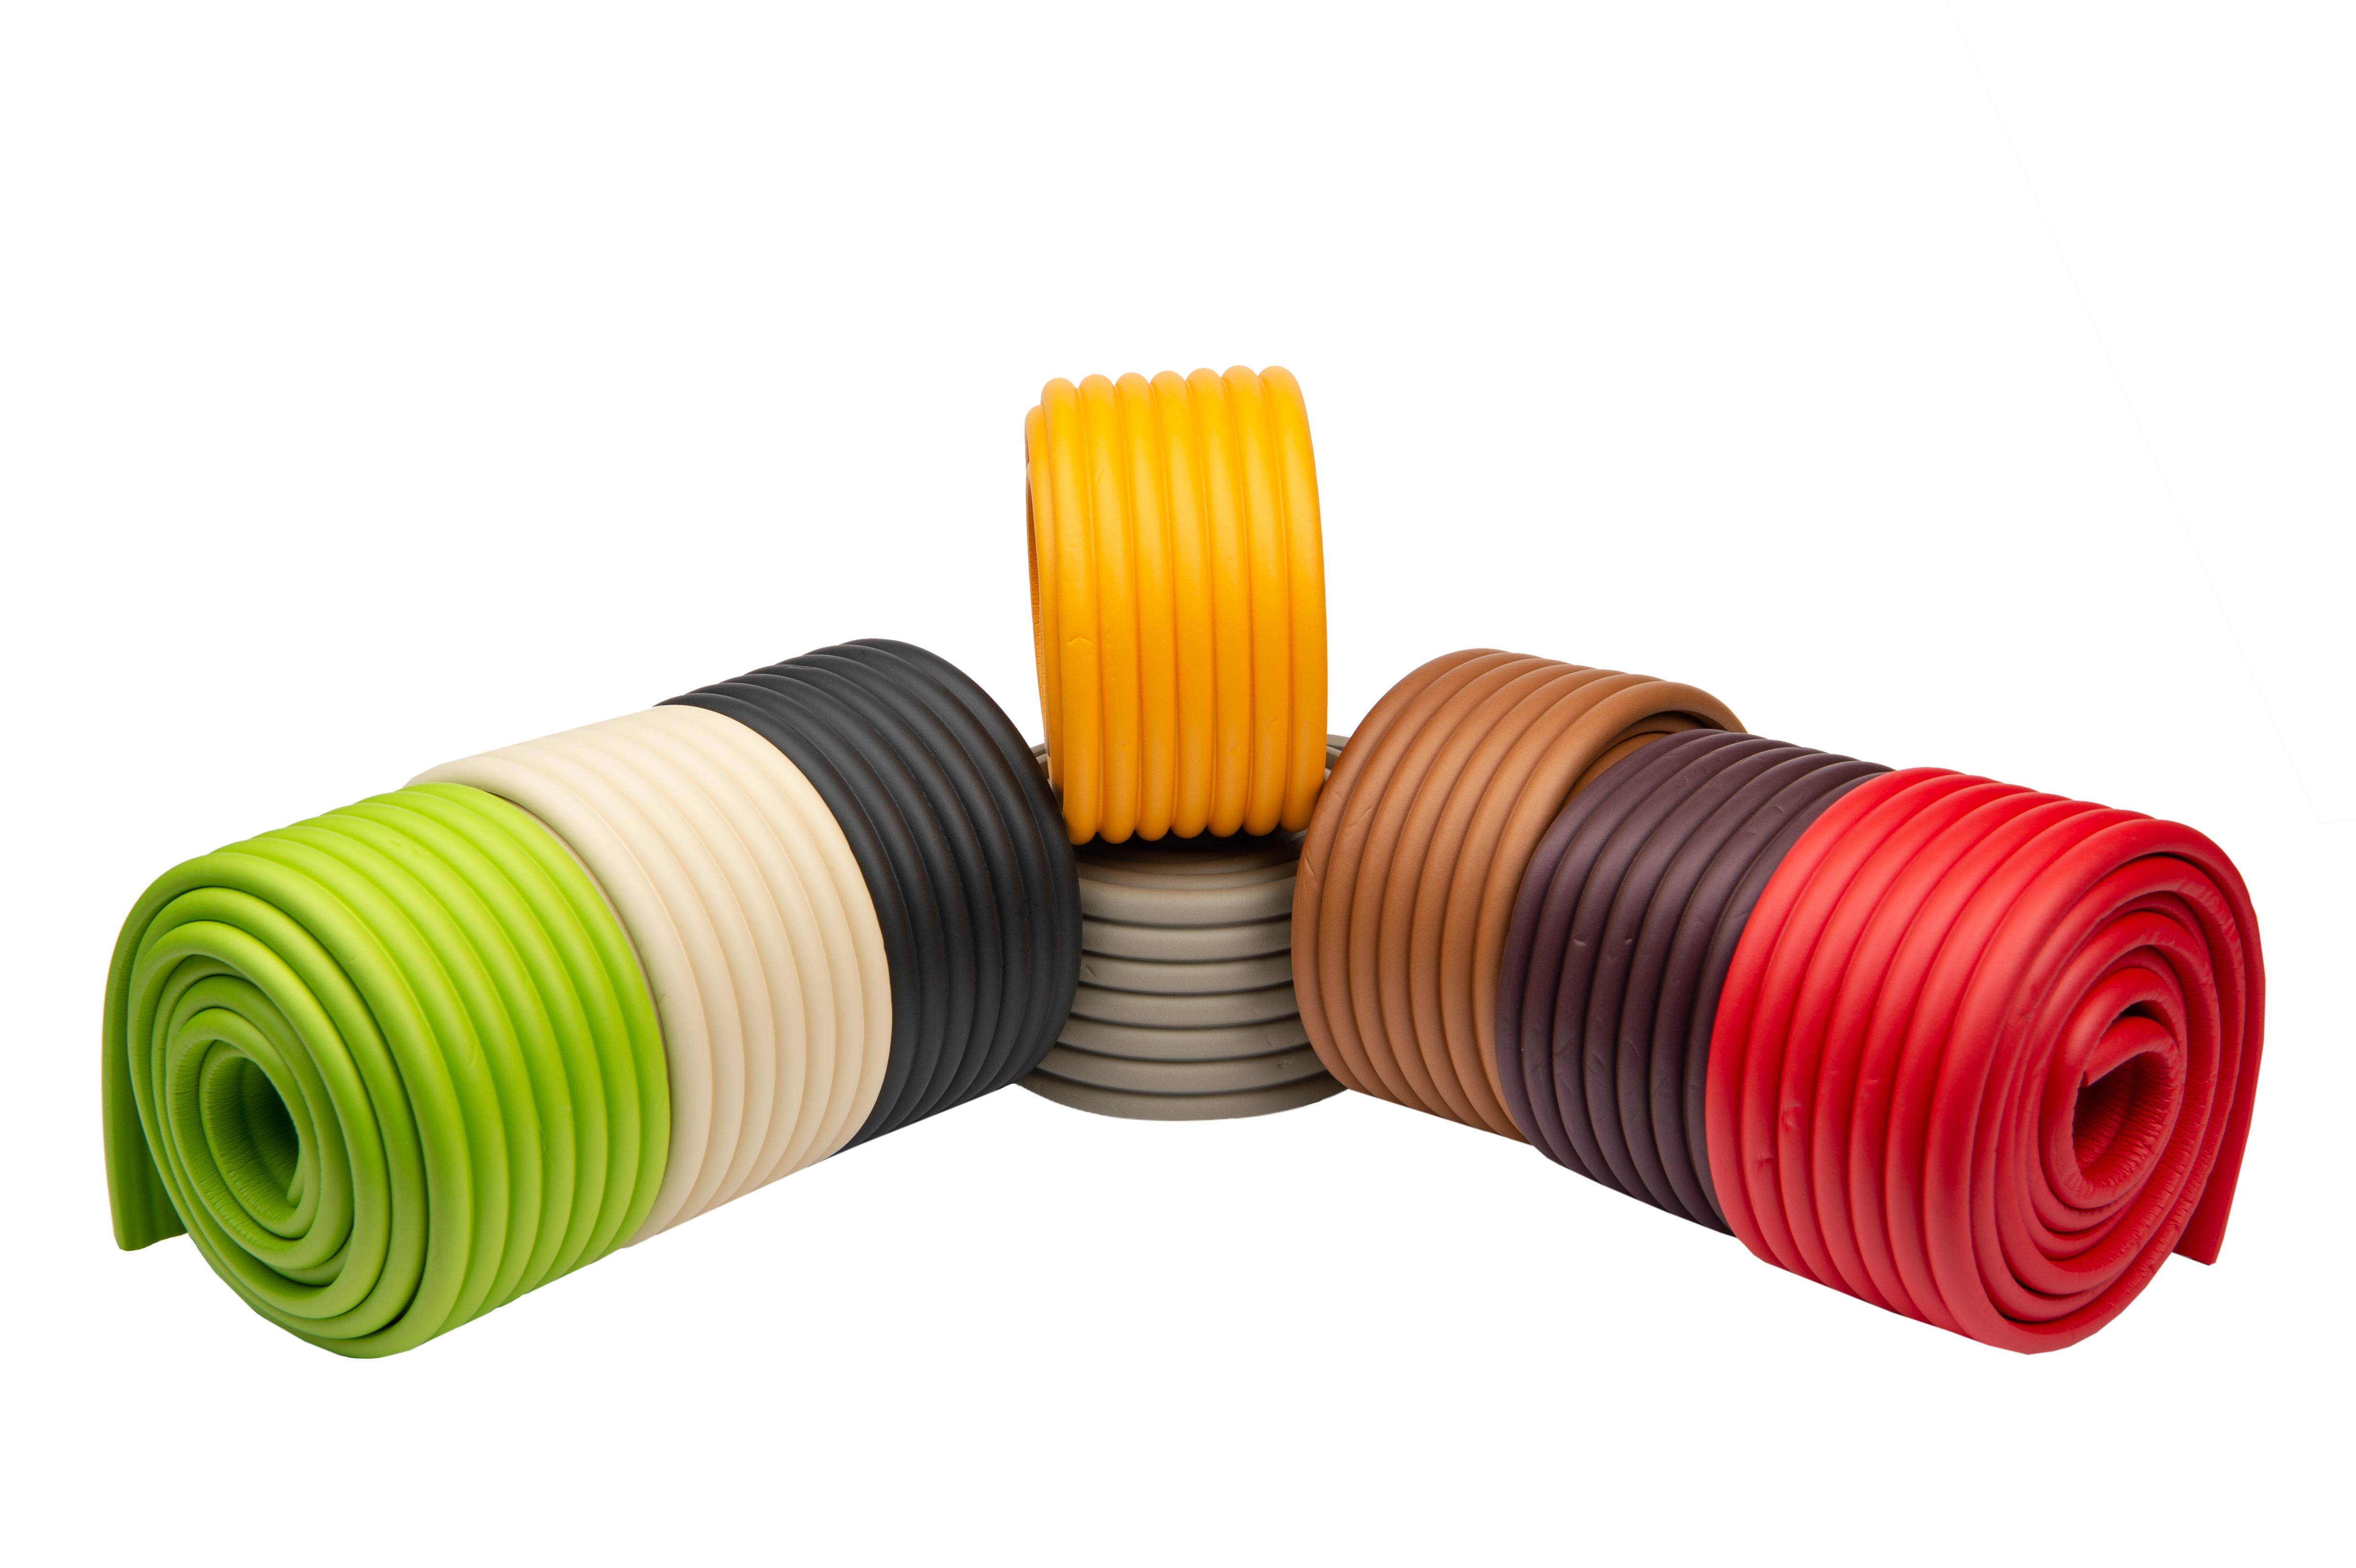 Varietate de culori pentru benzi de protectie multifunctionale pentru mobilier